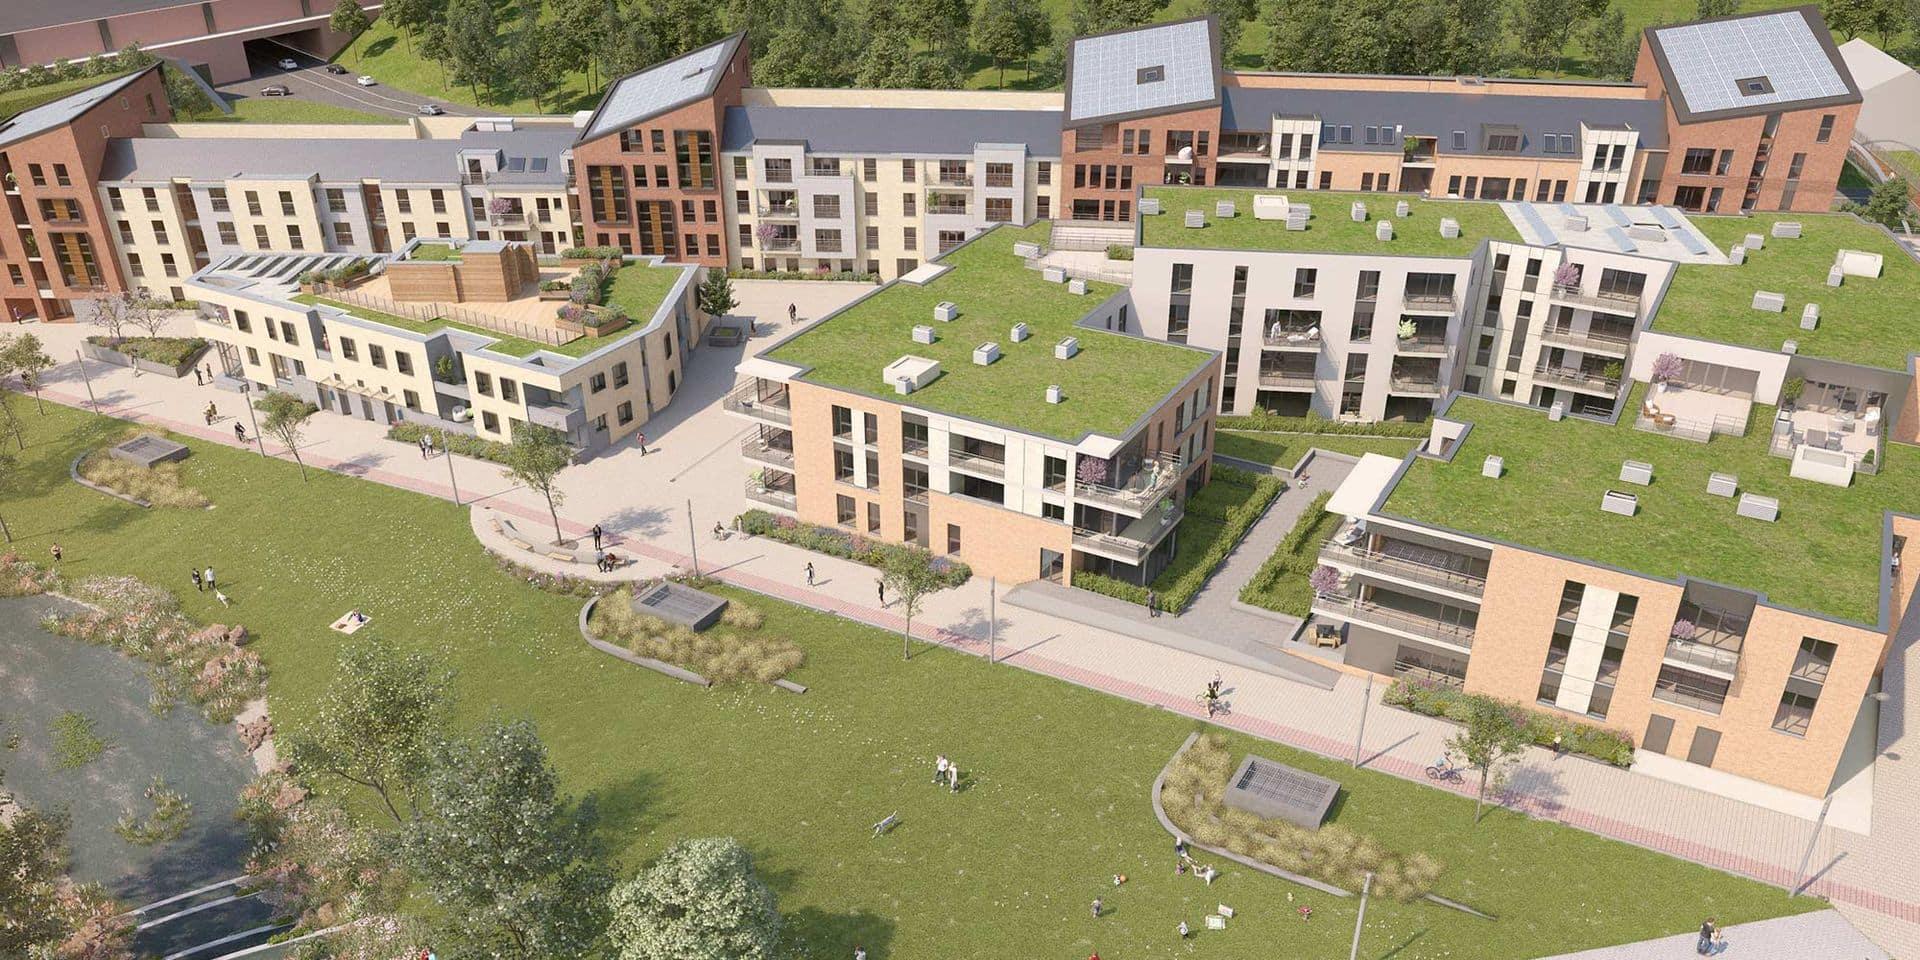 Vers 450 nouveaux logements à Louvain-la-Neuve avec le coup d'envoi du projet Courbevoie